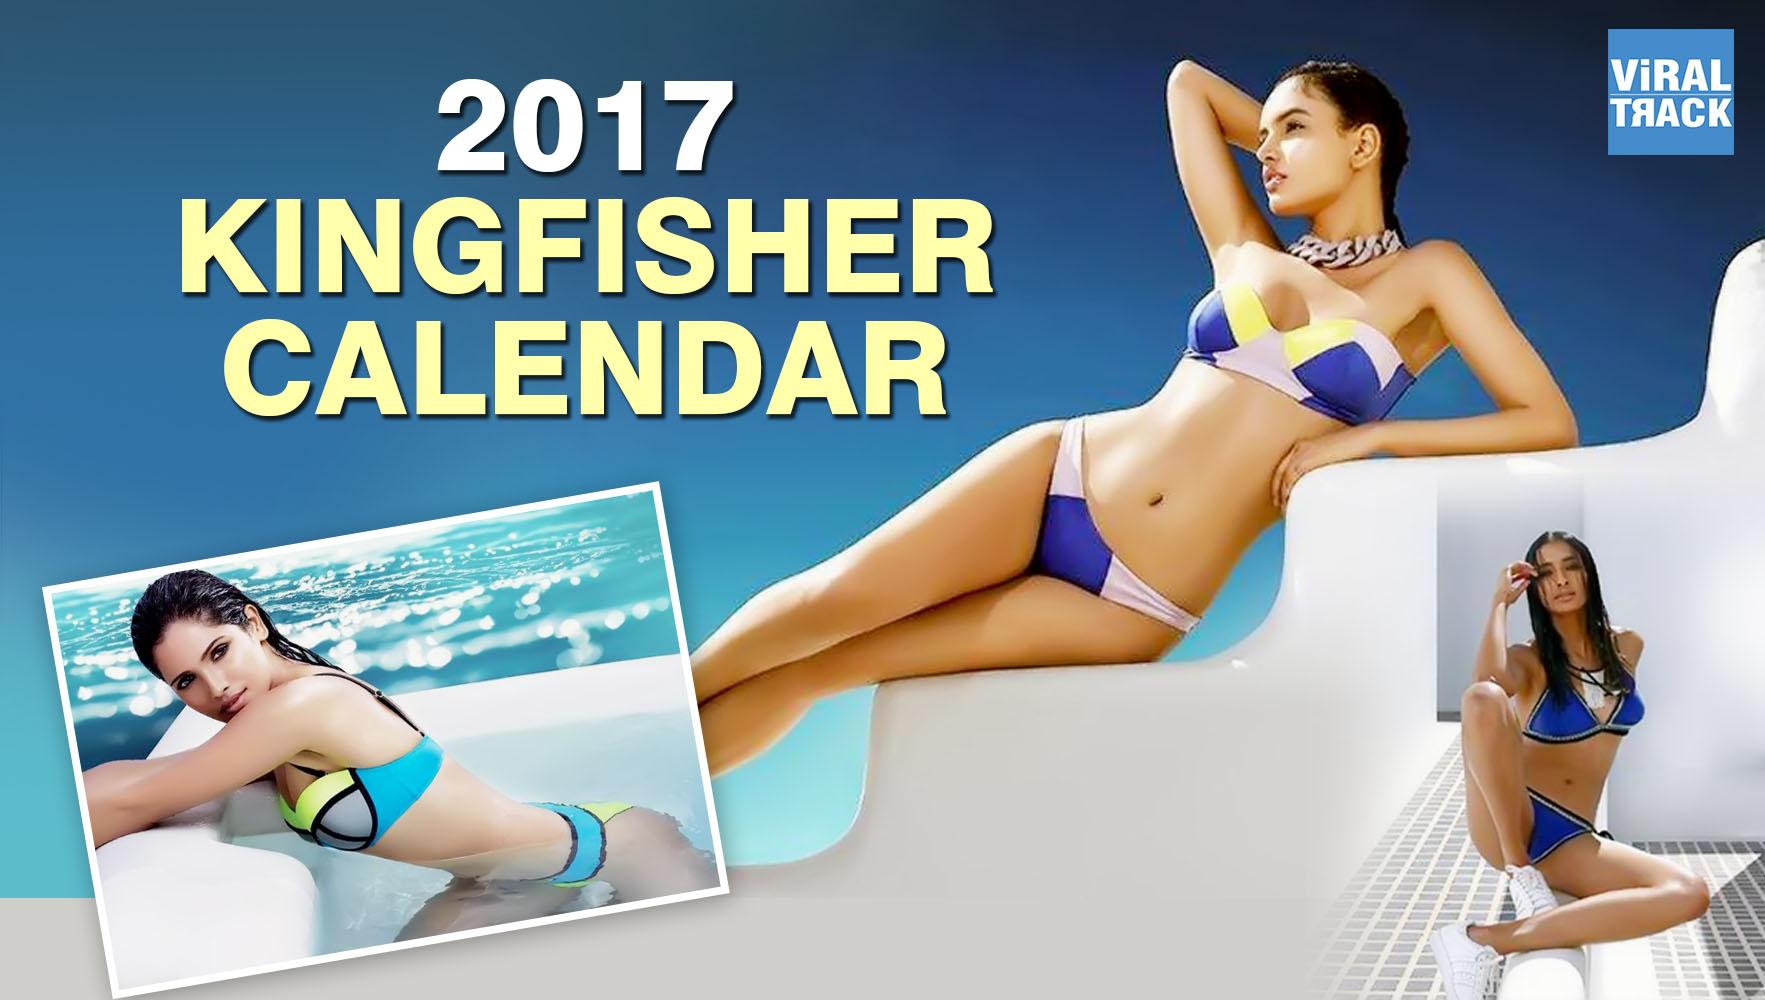 kingfisher calendar 2017